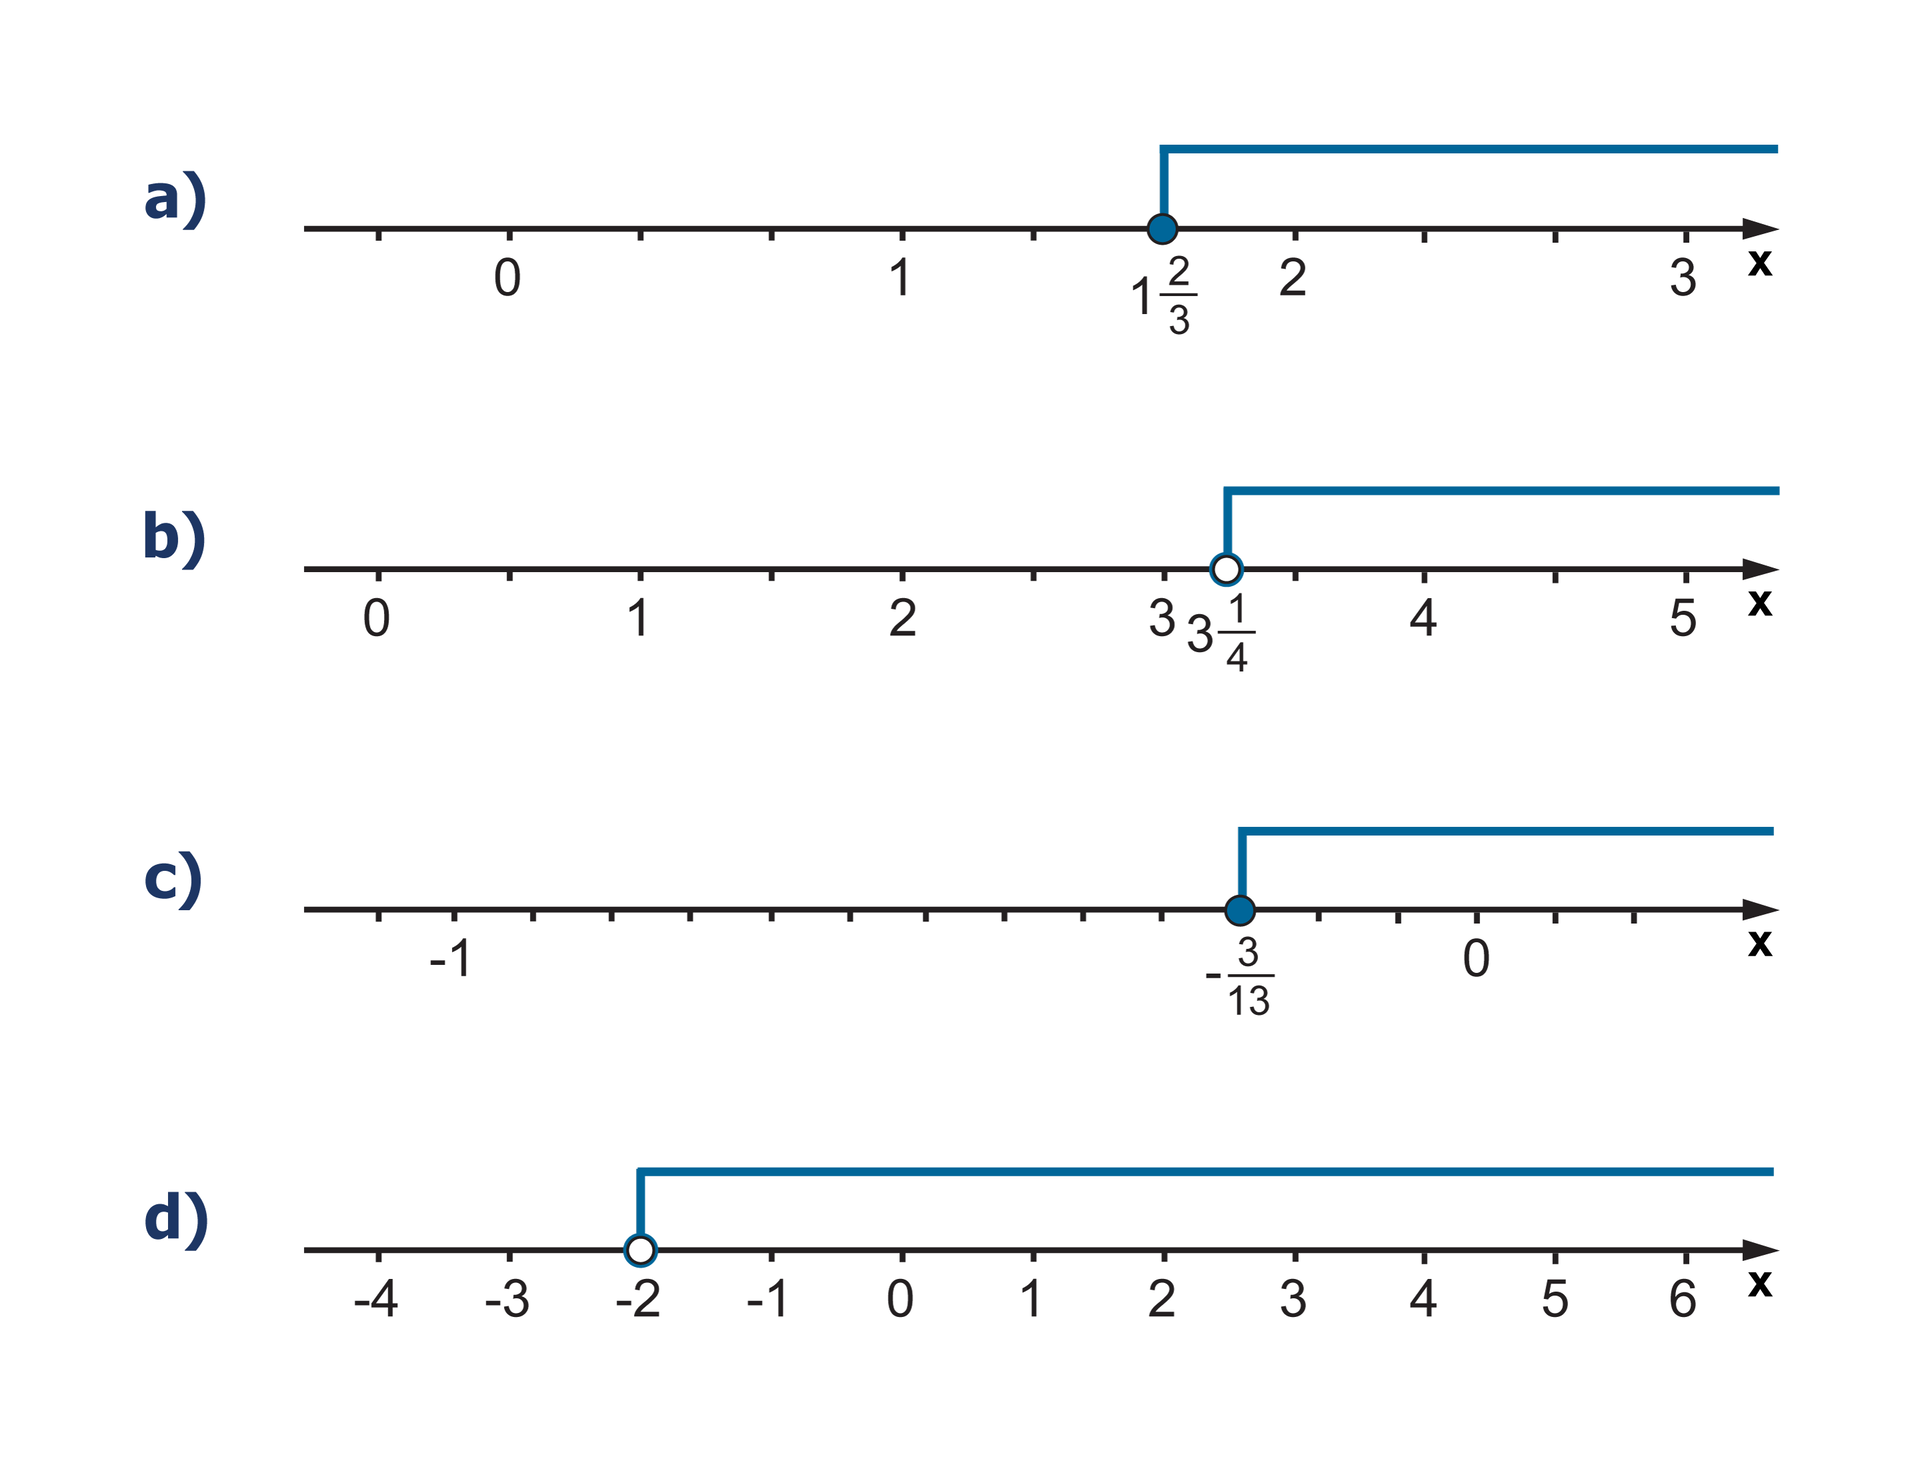 Rysunki osi liczbowych, które są rozwiązaniem zadania. Na pierwszej osi zaznaczone wszystkie liczby większe lub równe jeden idwie trzecie. Na drugiej osi zaznaczone wszystkie liczby większe od trzy ijedna czwarta. Na trzeciej osi zaznaczone wszystkie liczby większe lub równe minus trzy trzynaste. Na czwartej osi zaznaczone wszystkie liczby mniejsze od 2.